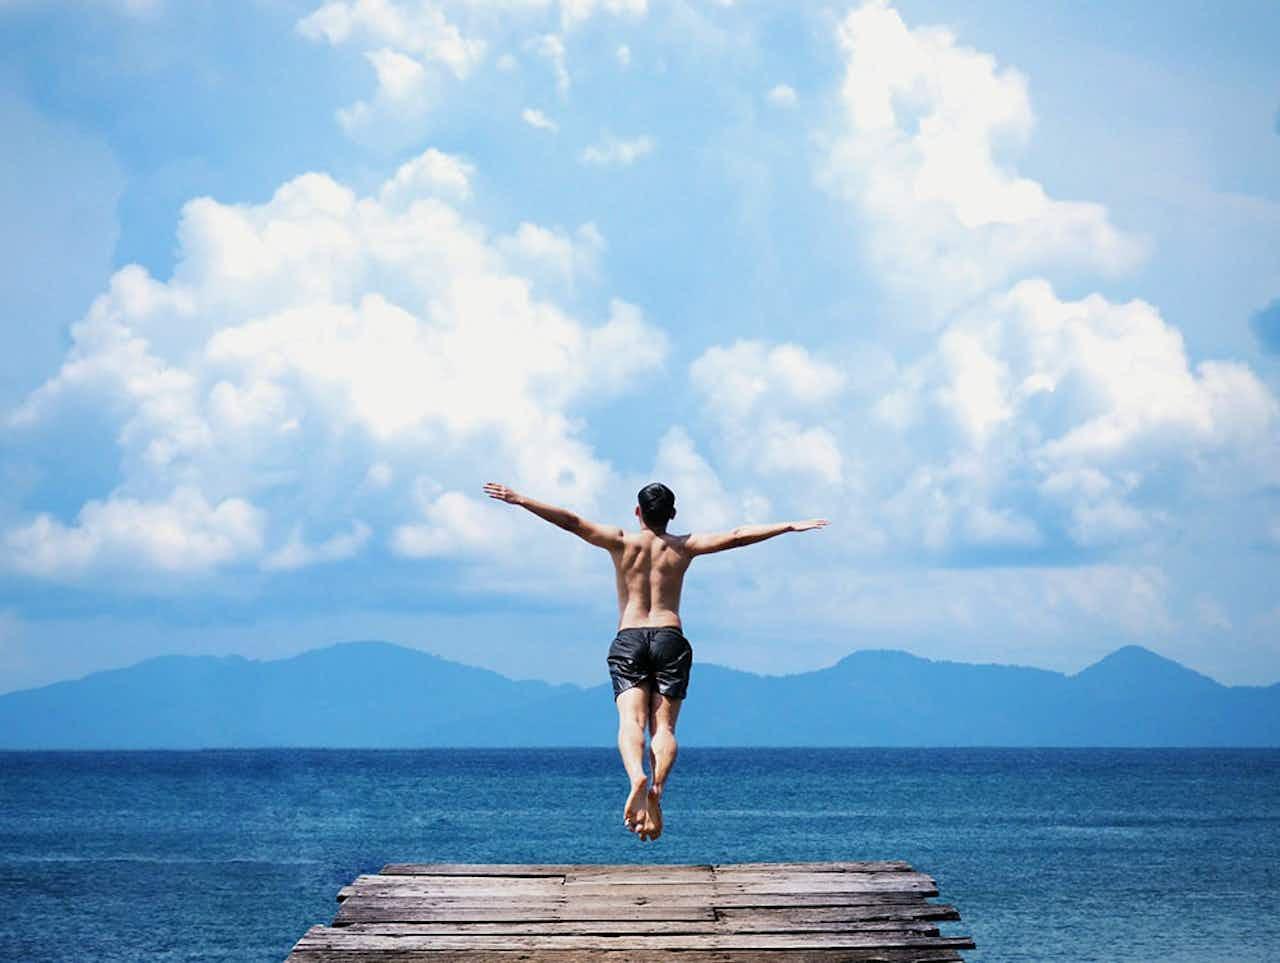 Mann springt in See